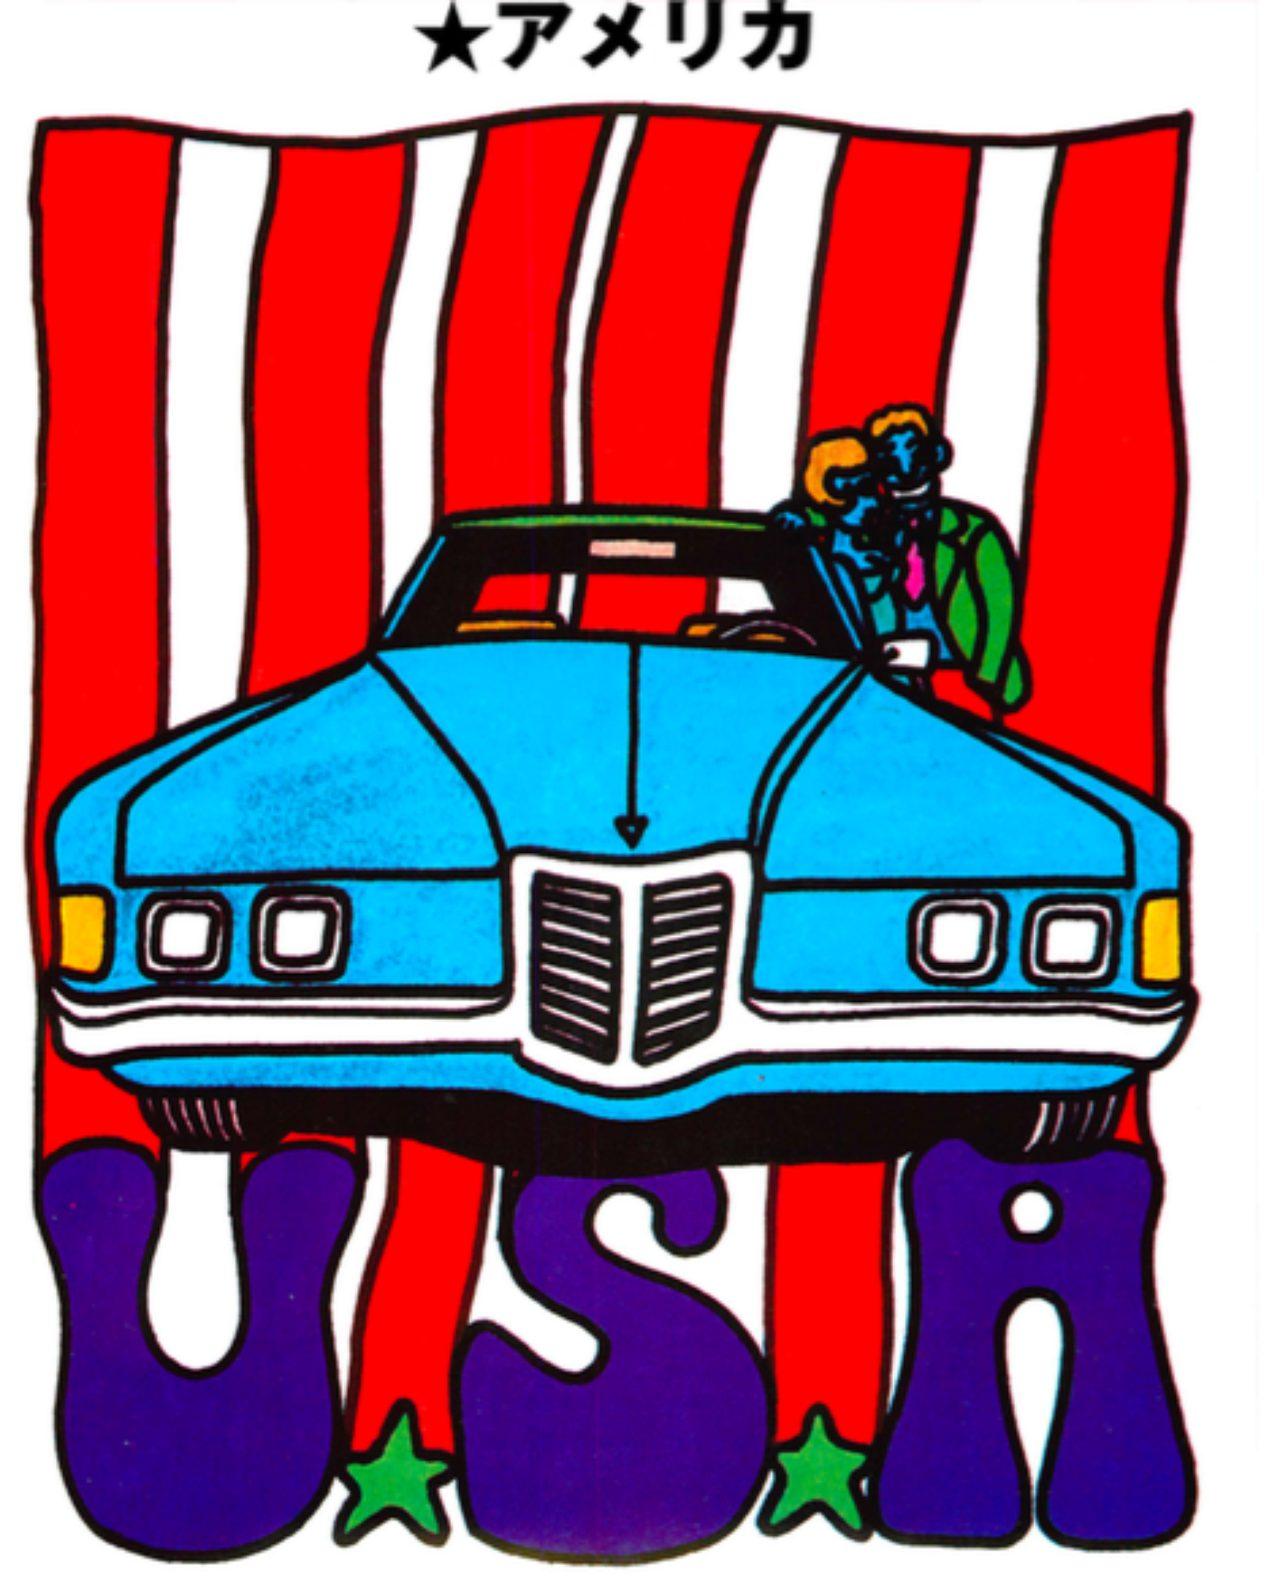 画像: 【世界の自動車年鑑】 第13回「エー エム エックス」(1969年モデル)